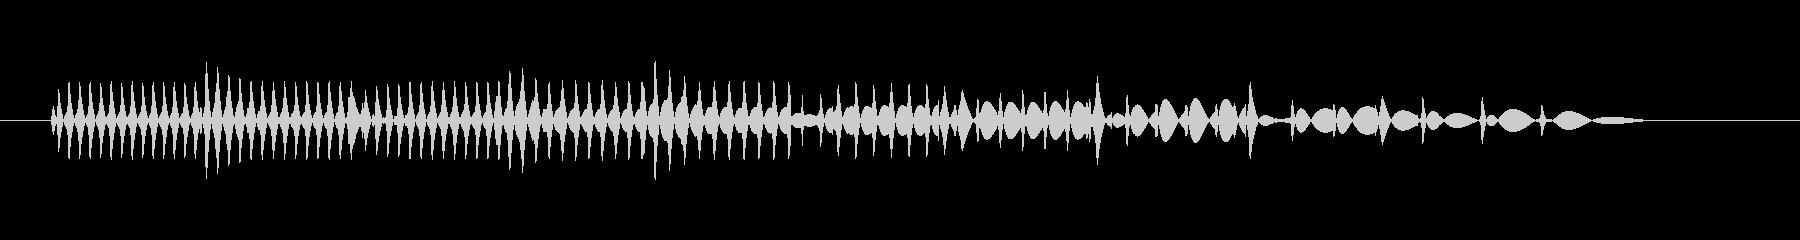 【ファミコン風】チープなシステム音の未再生の波形